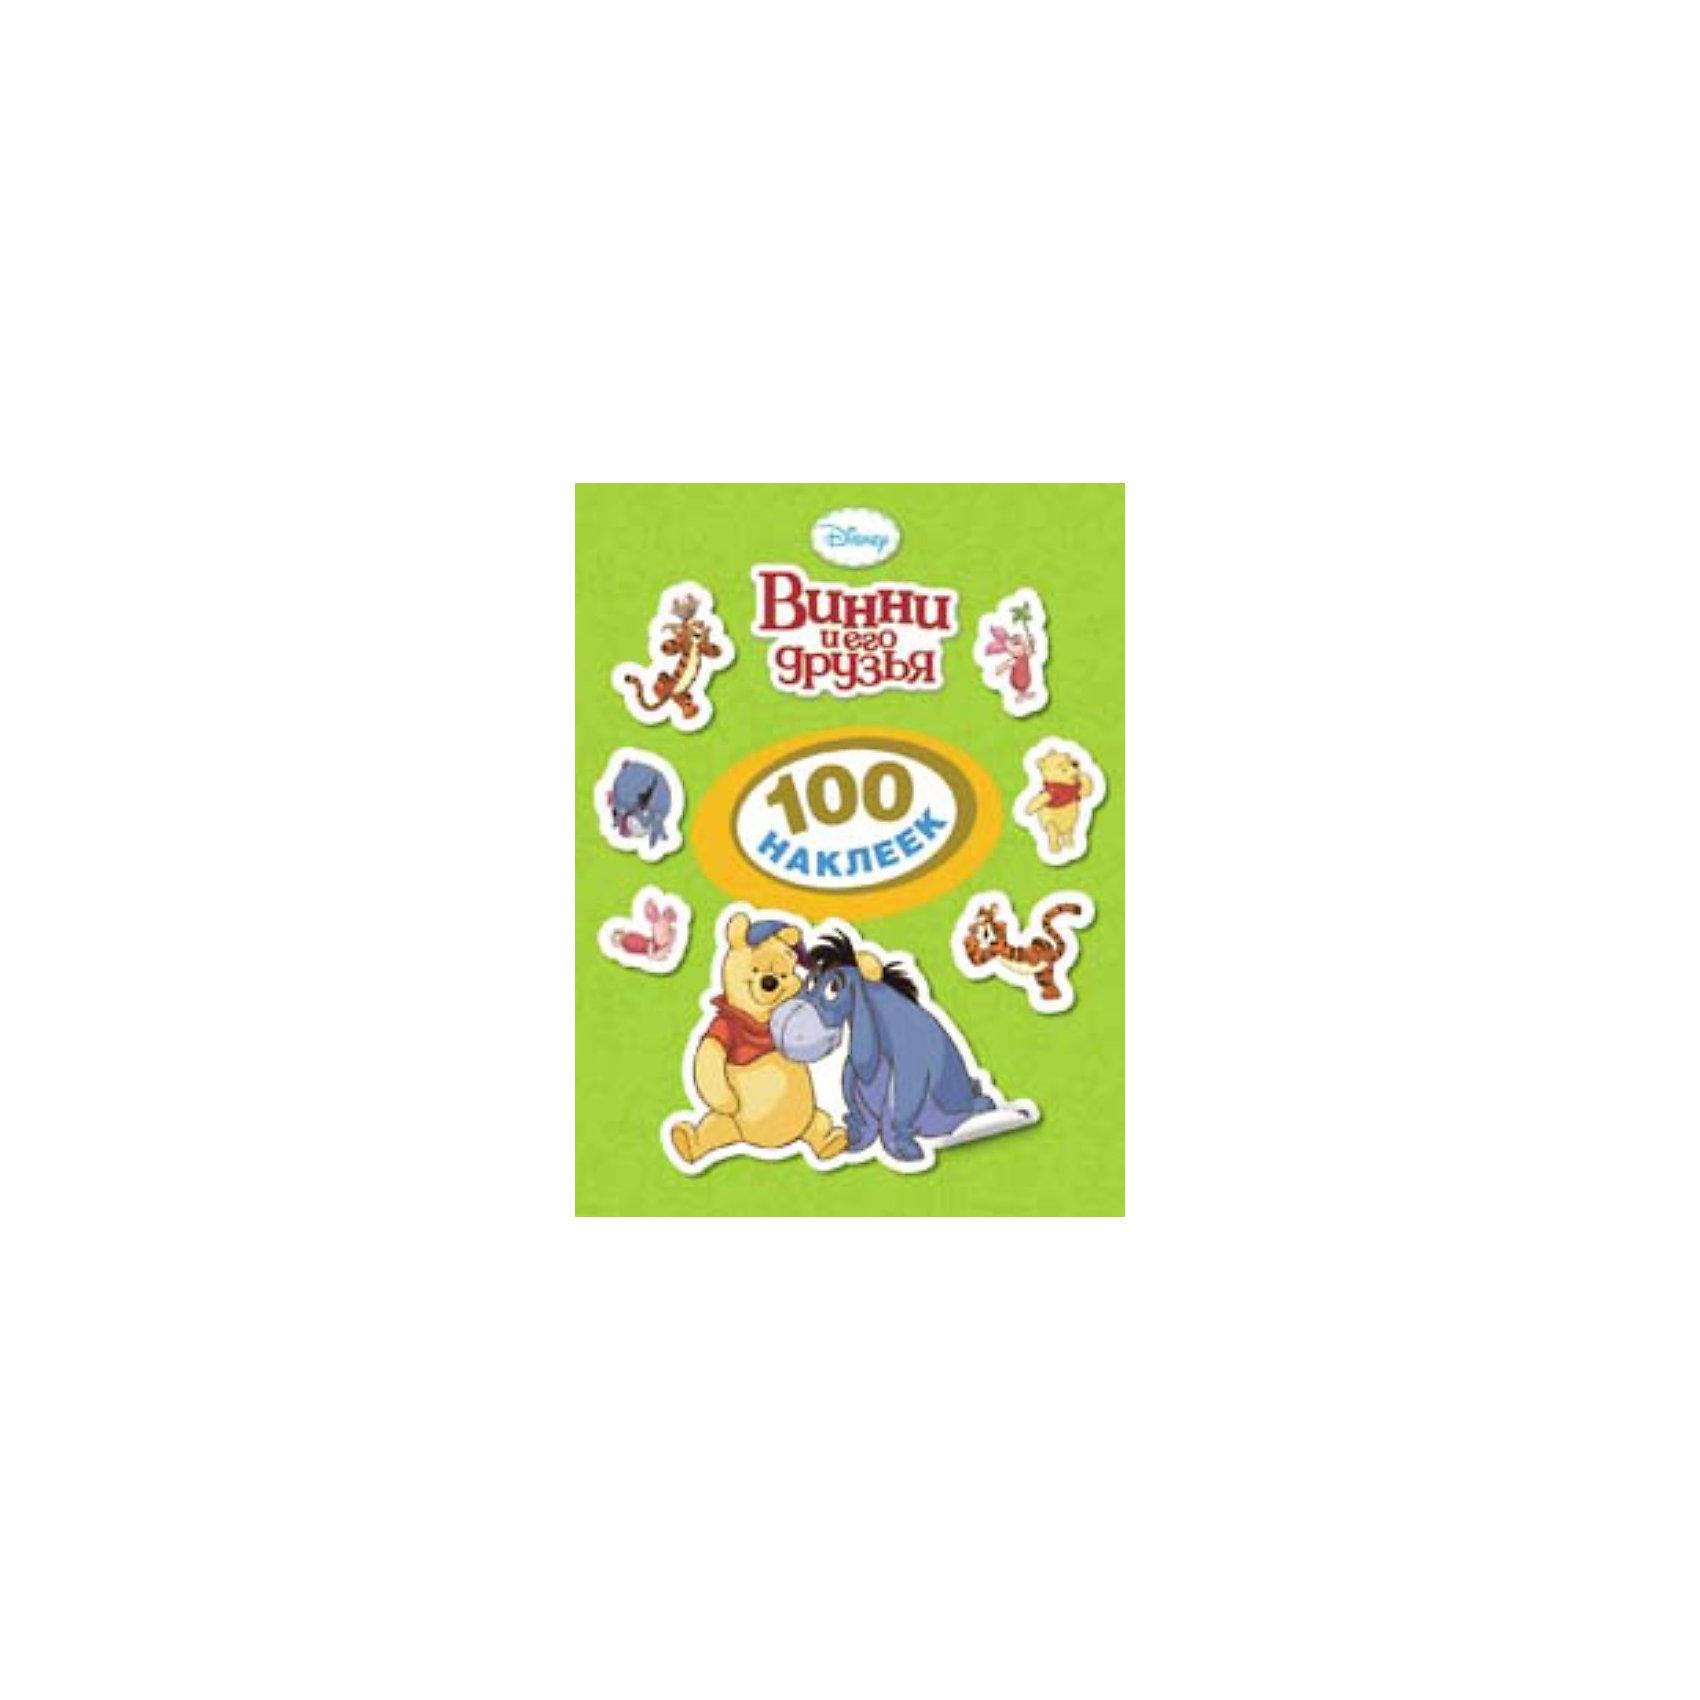 Винни и его друзья, 100 наклеек, Winnie the PoohГерои популярных диснеевских мультфильмов в наклейках! Ребенок может собрать целую серию мини-альбомов со 100 наклейками в каждом. <br><br>В этом альбоме - целых 100 ярких наклеек! <br>Укрась портретами персонажей комнату, тетради и игрушки!<br><br>Серия:100 наклеек <br>Обложка: Мягкая <br>Объем:8стр.<br><br>Ширина мм: 150<br>Глубина мм: 2<br>Высота мм: 200<br>Вес г: 30<br>Возраст от месяцев: 36<br>Возраст до месяцев: 72<br>Пол: Унисекс<br>Возраст: Детский<br>SKU: 3381915